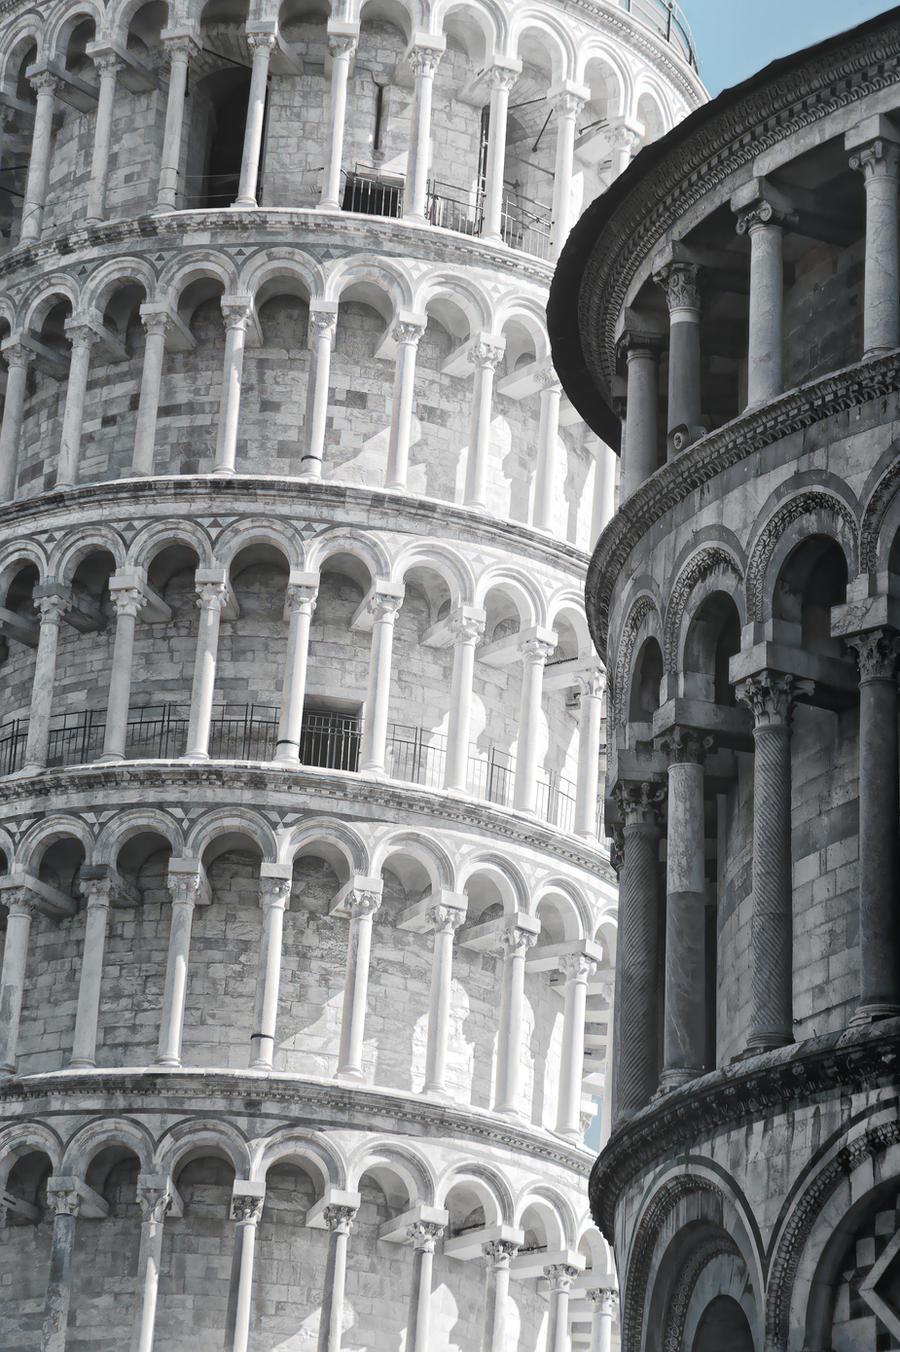 Torre pendente di Pisa by AlexGutkin